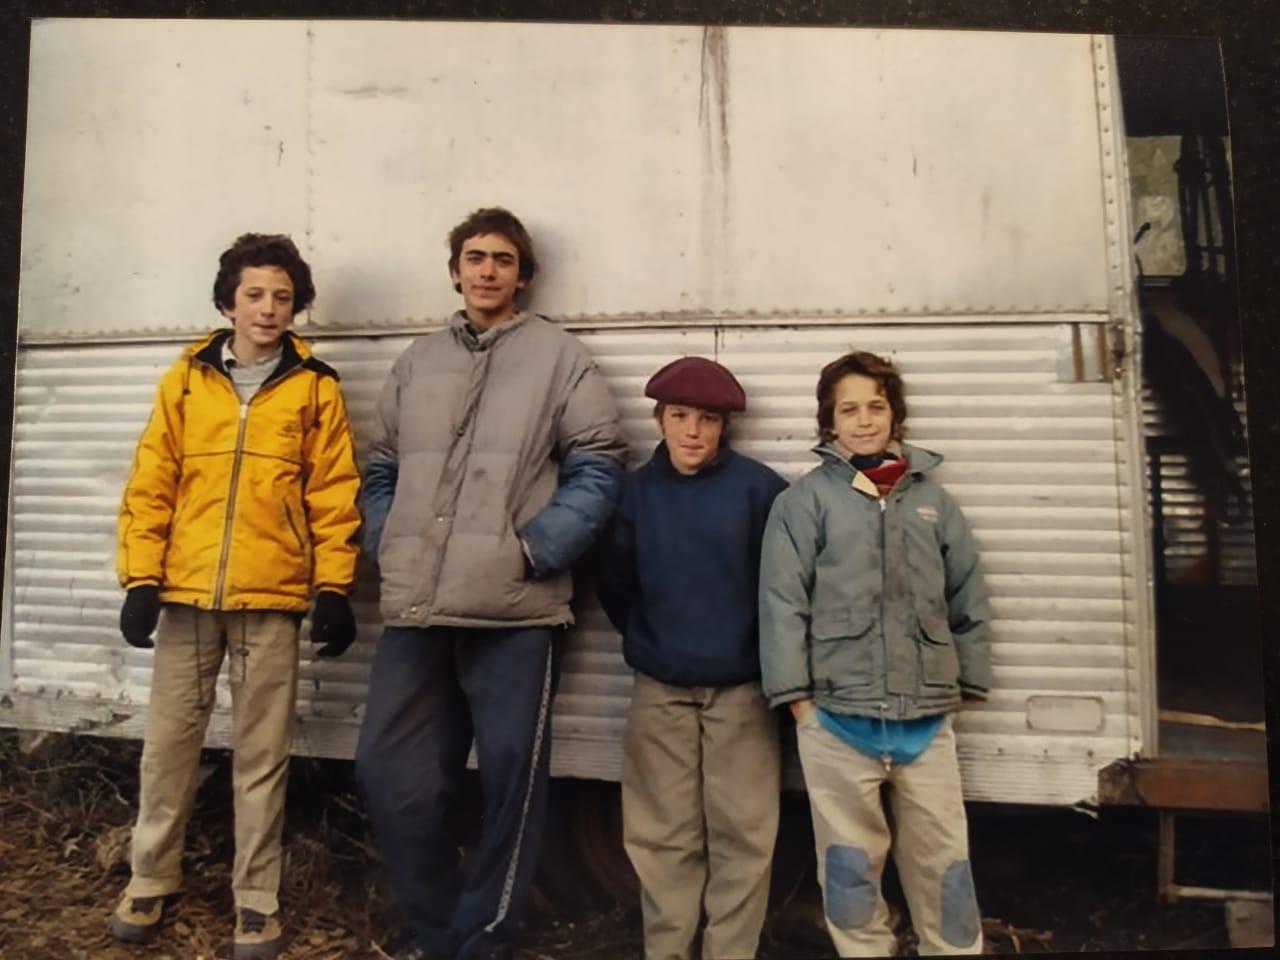 Ramon, Ignacio, Lucas y Tobias de chicos en Tandil.